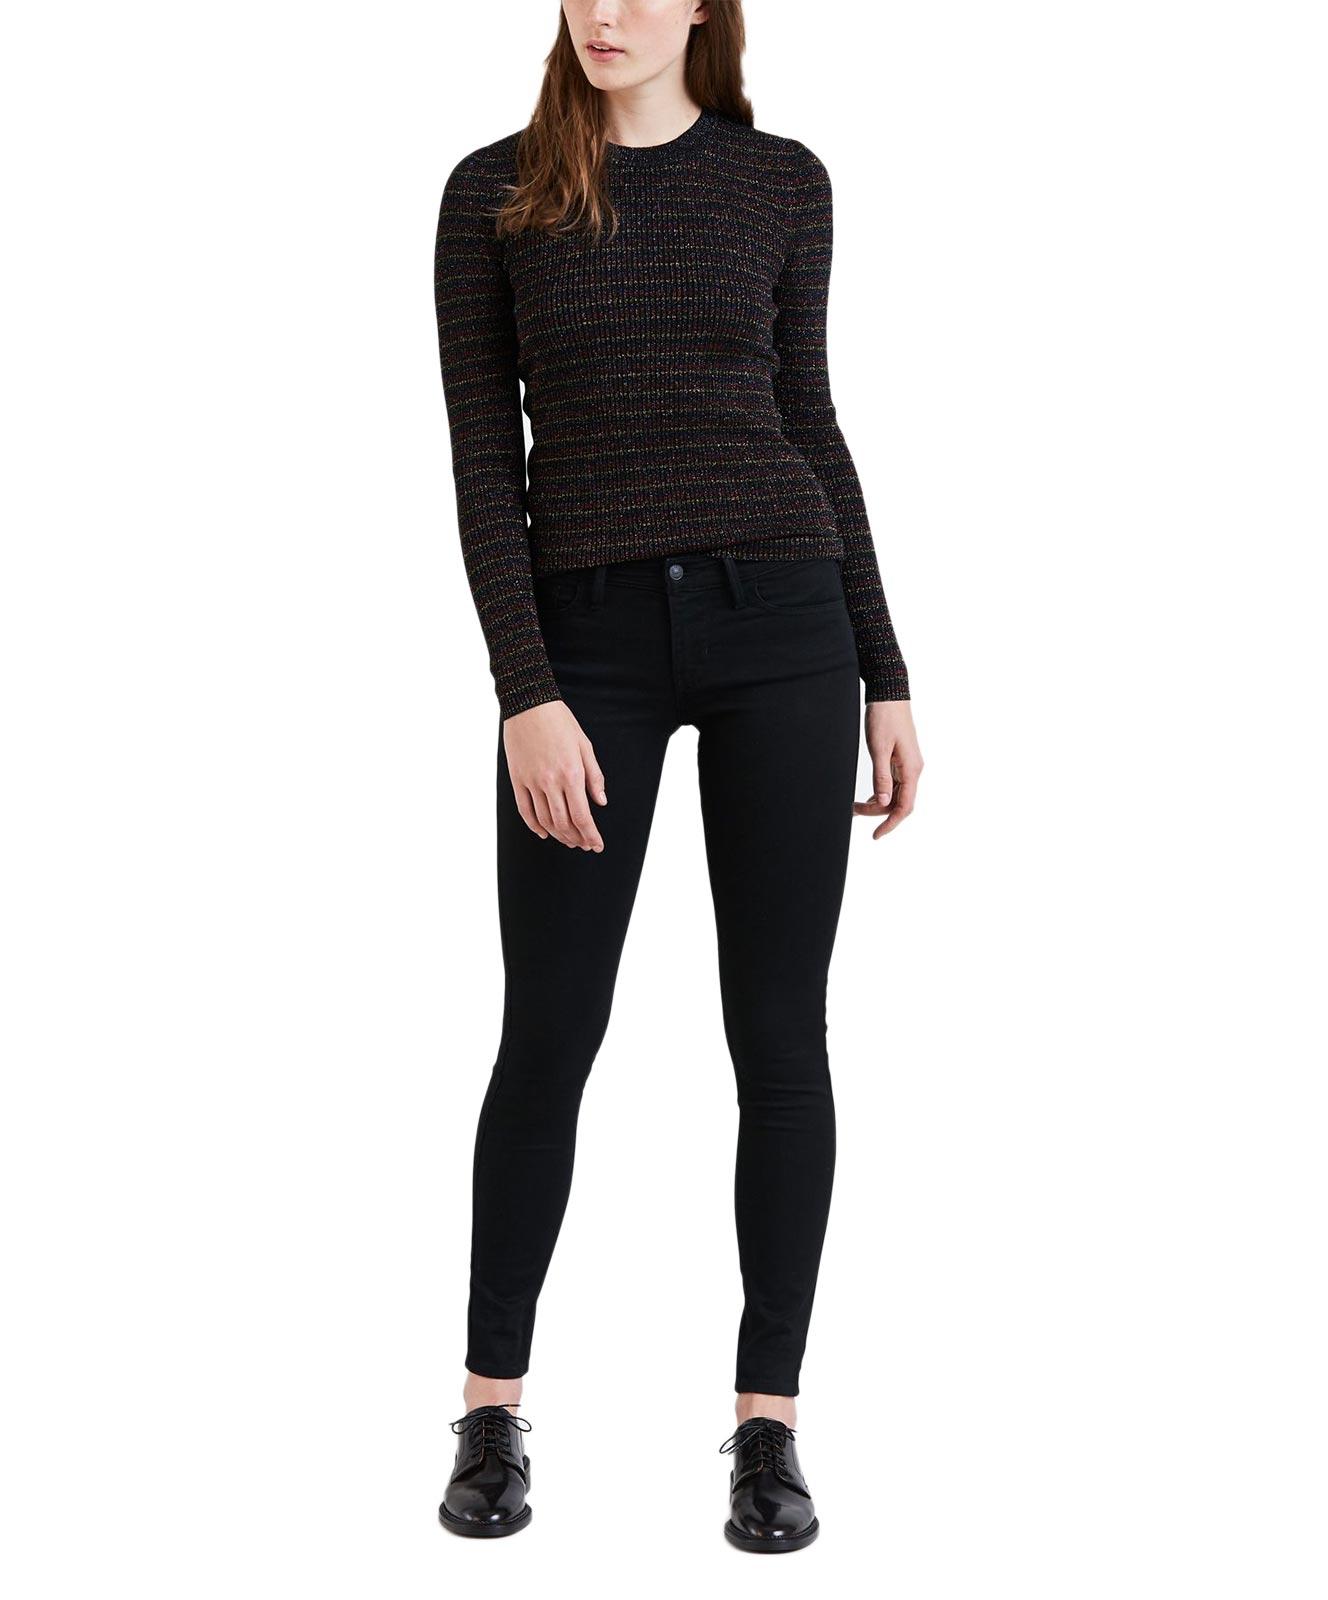 Hosen für Frauen - Levi's 710 Schwarze Super Skinny Jeans mit Hyperstretch  - Onlineshop Jeans Meile